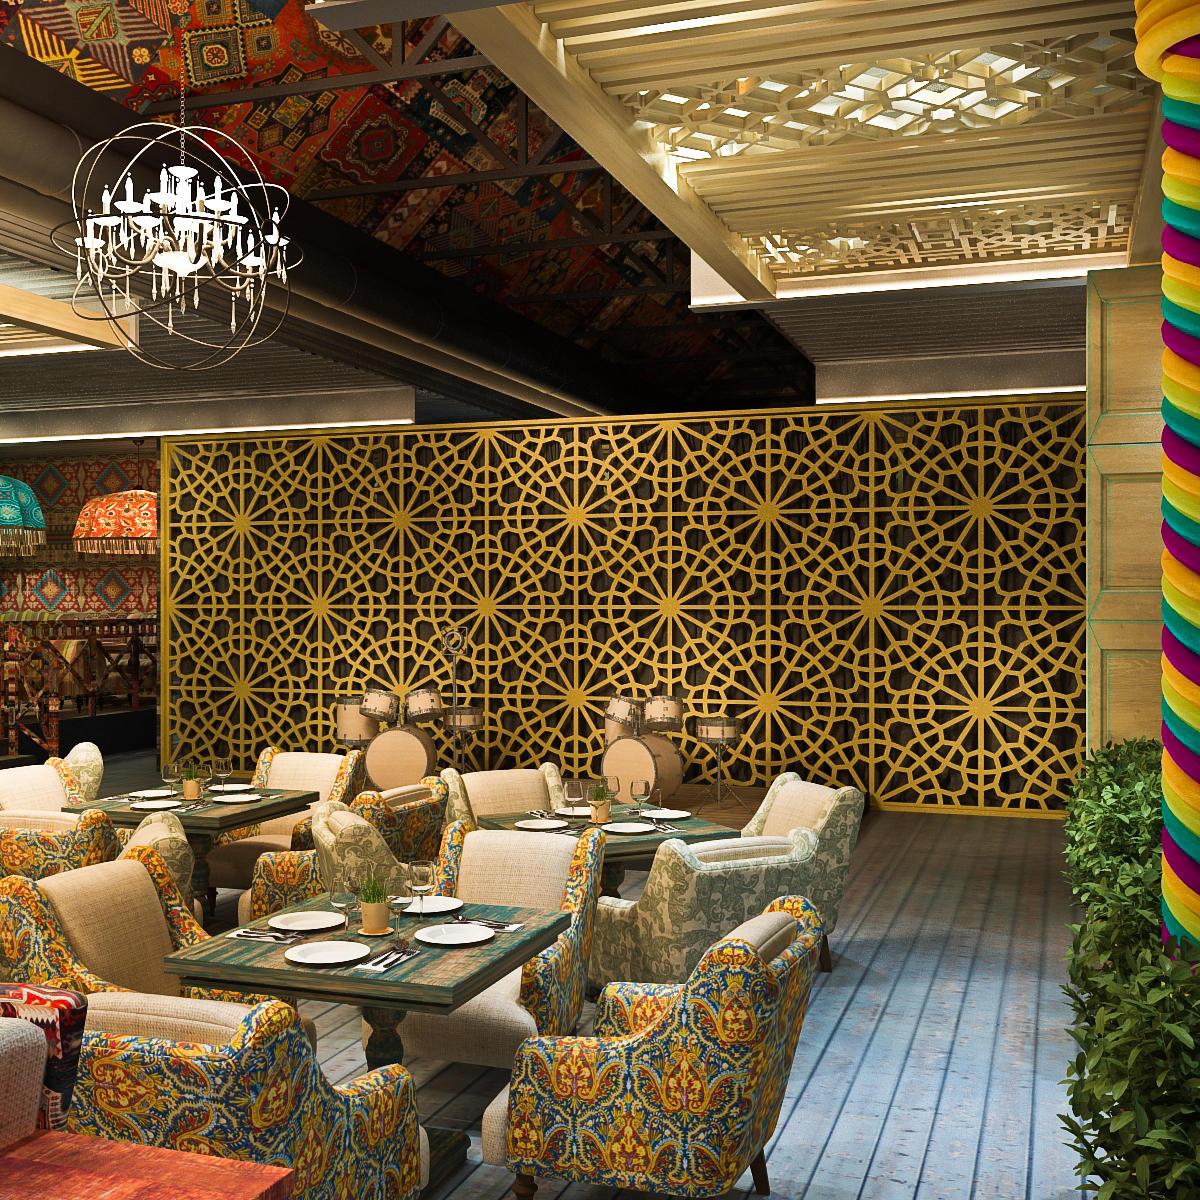 Ресторан Сухофрукты (Чайхана Сухофрукты) фото 9